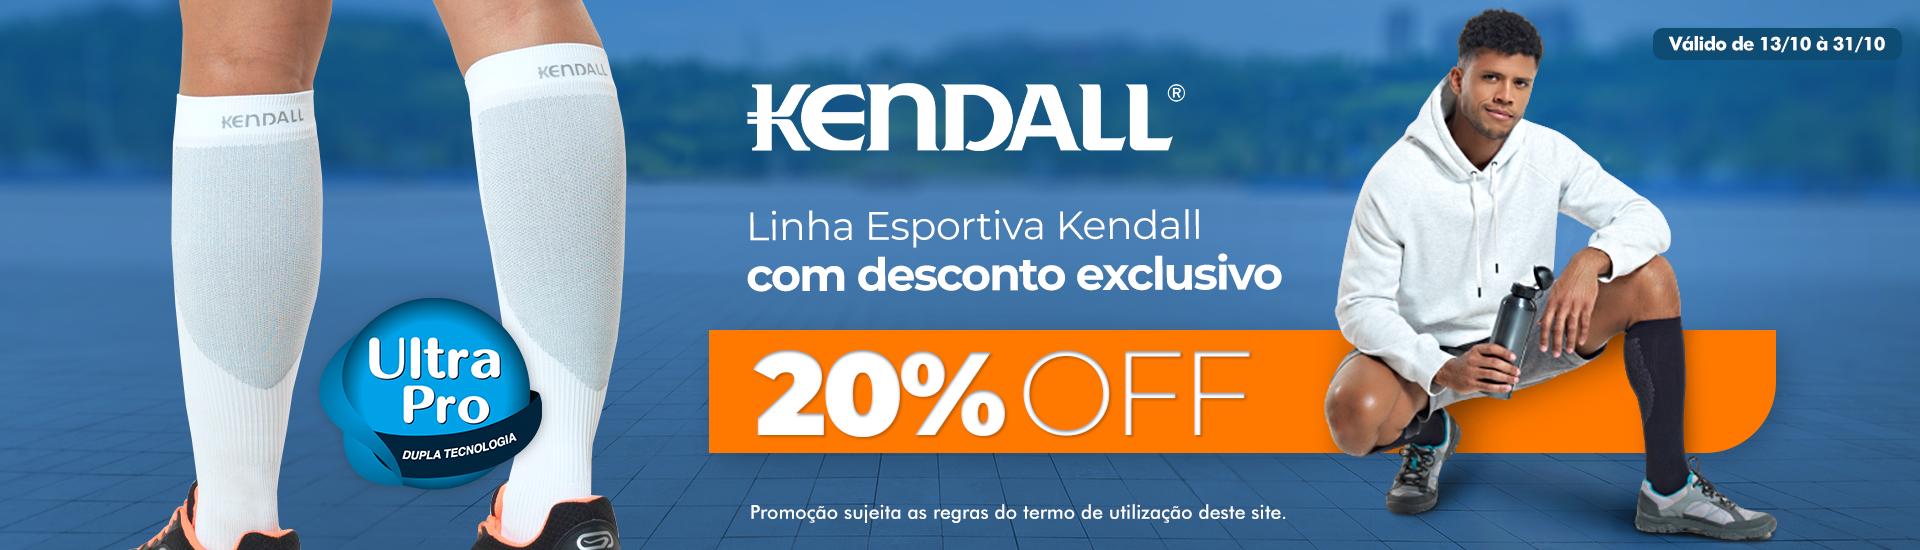 Kendall Esportiva Outubro